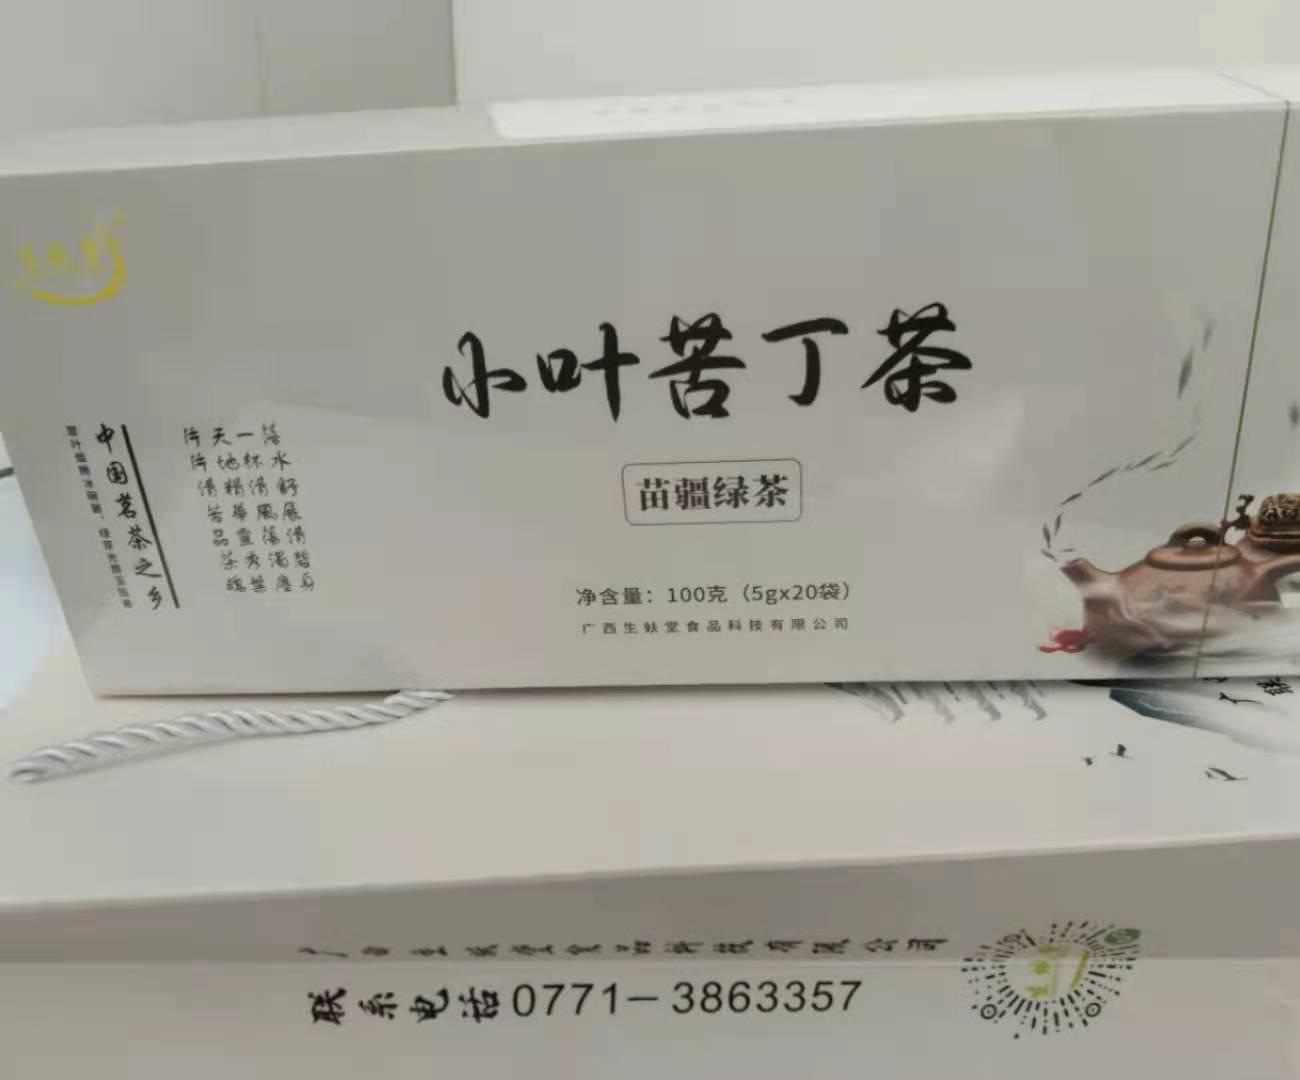 小叶苦丁茶生蚨堂食品